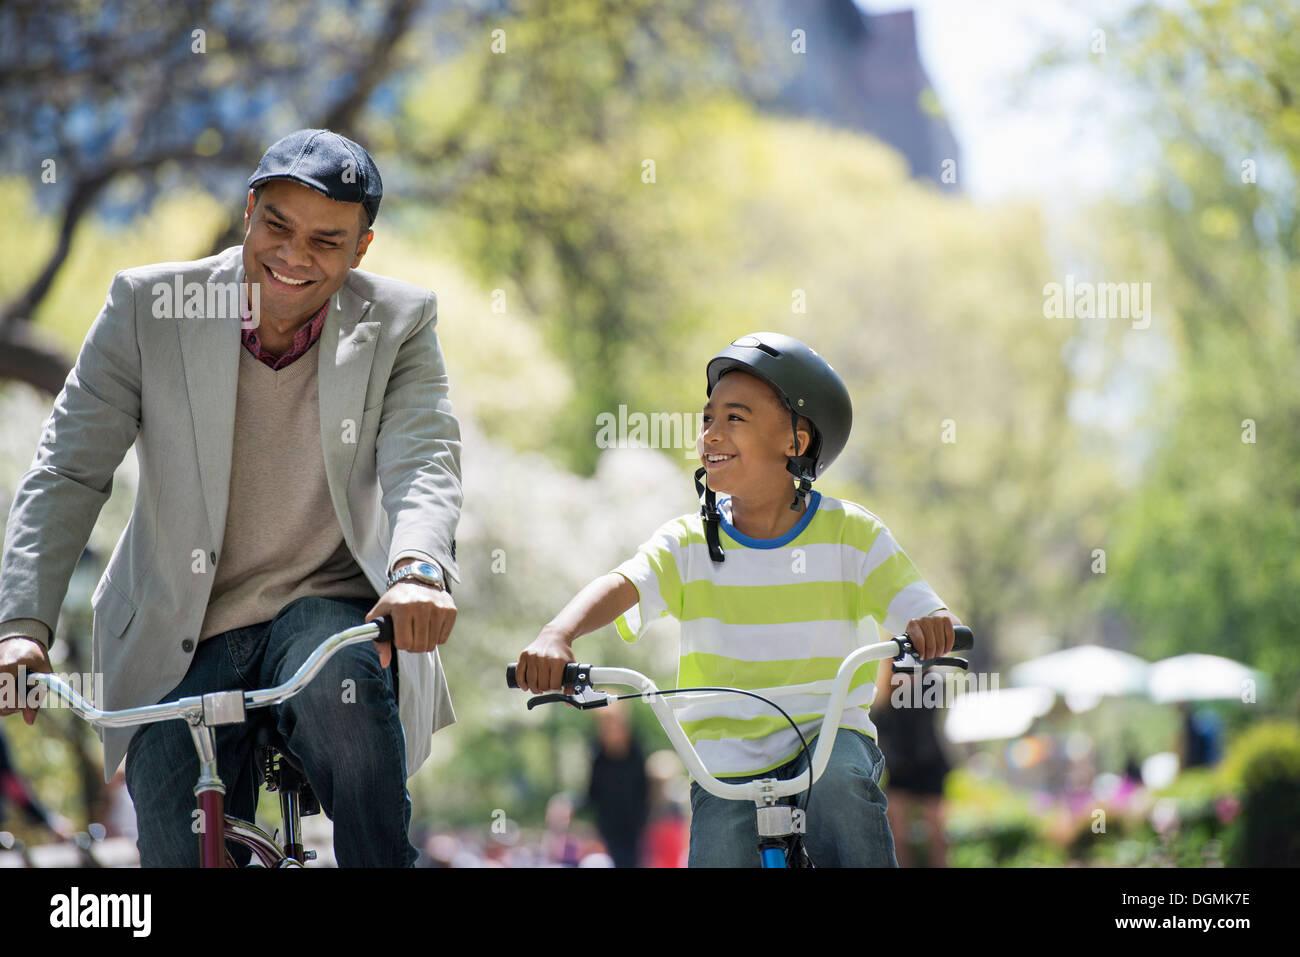 Una famiglia nel parco in una giornata di sole. Padre e figlio in bicicletta Immagini Stock